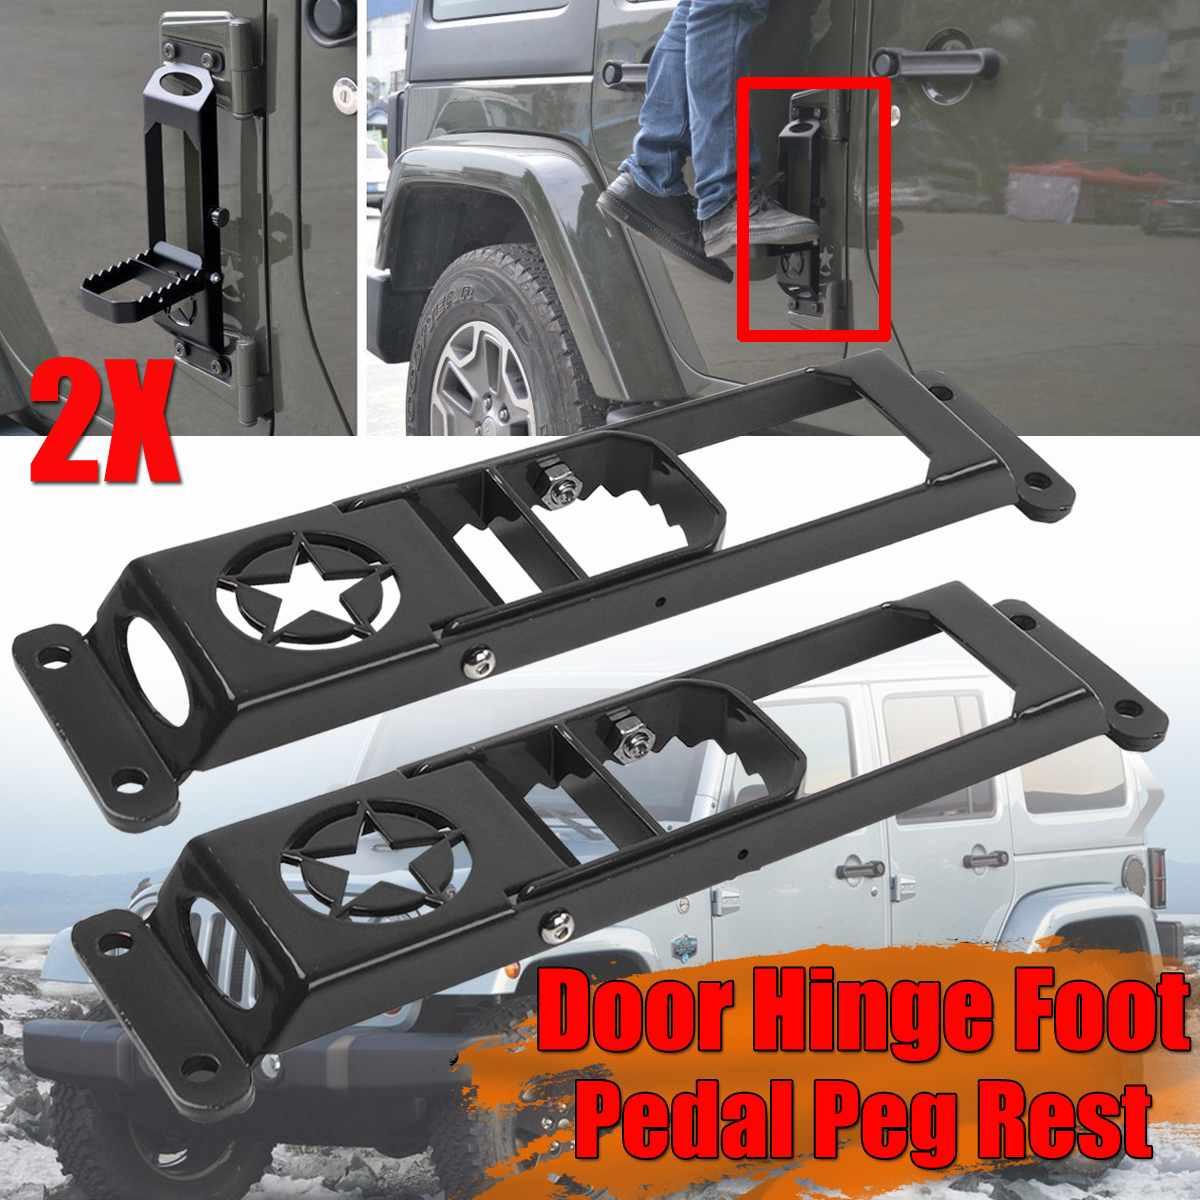 Car Folding Door Hinge Foot Pedal Peg Rest For Jeep For Wrangler JK 2007-2017 2/4dr Door Hinge Step Metal Folding Foot Peg Matel